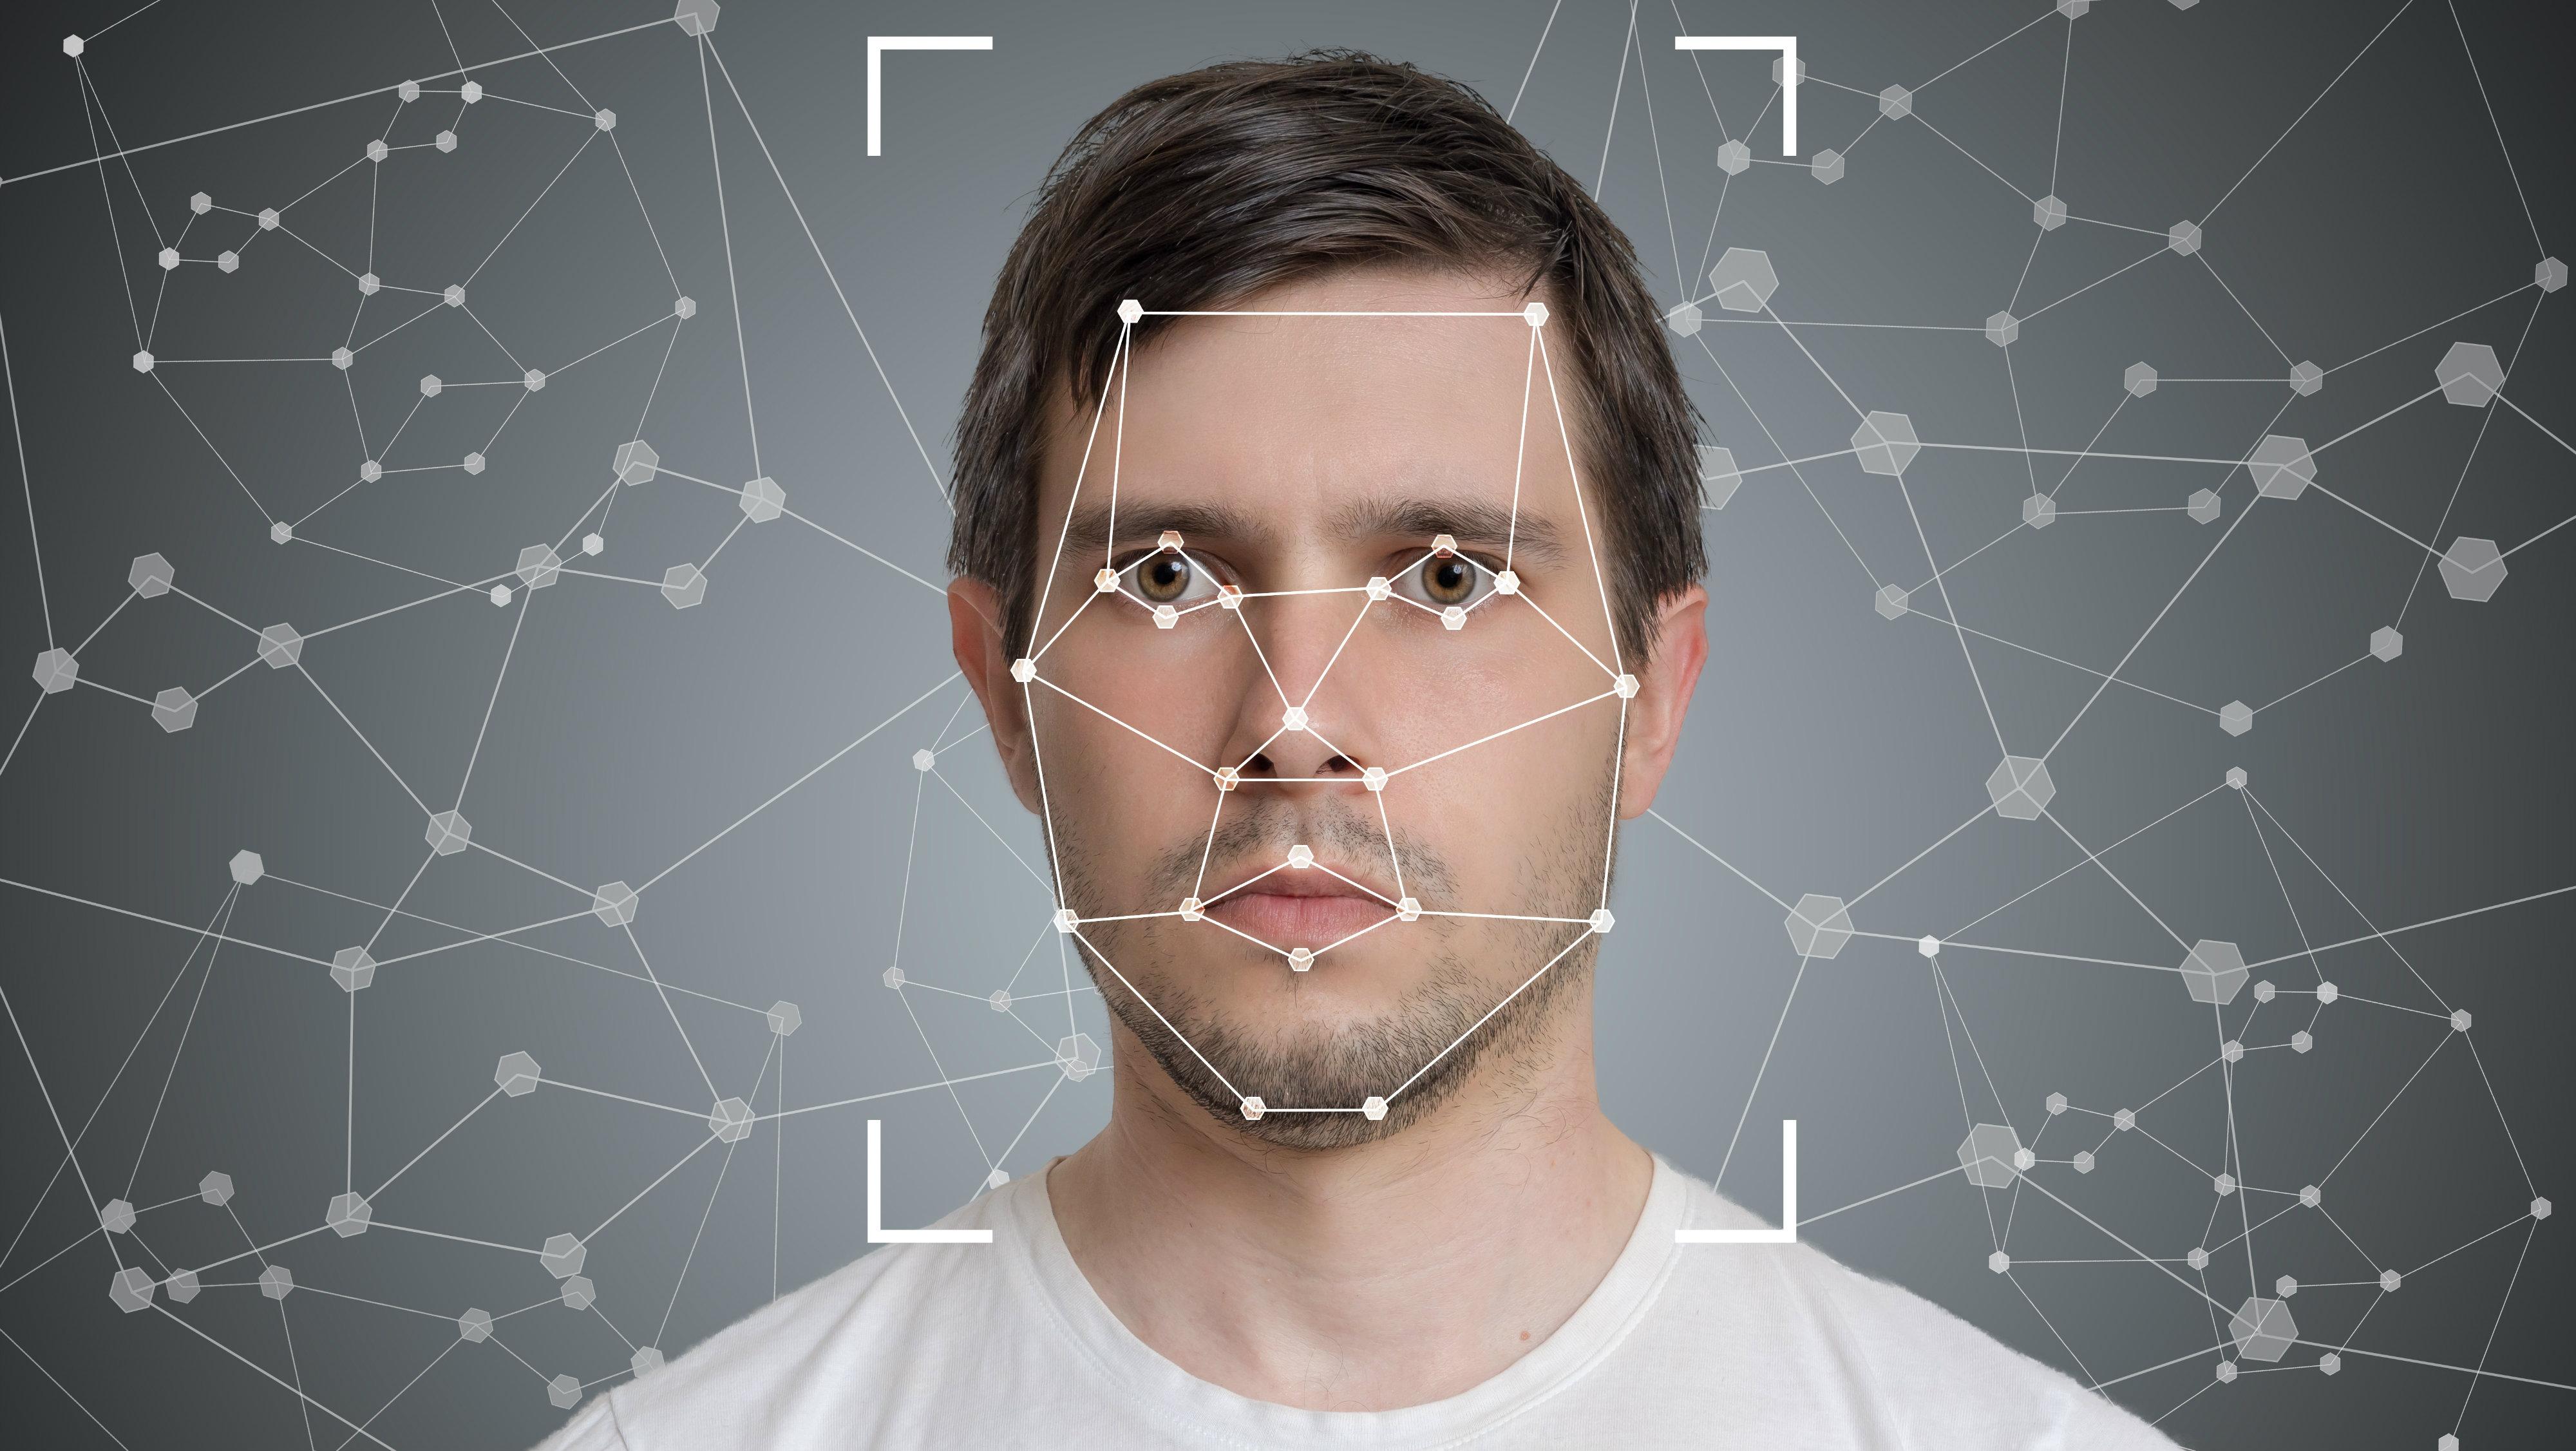 A era do reconhecimento facial: estamos sendo escaneados?